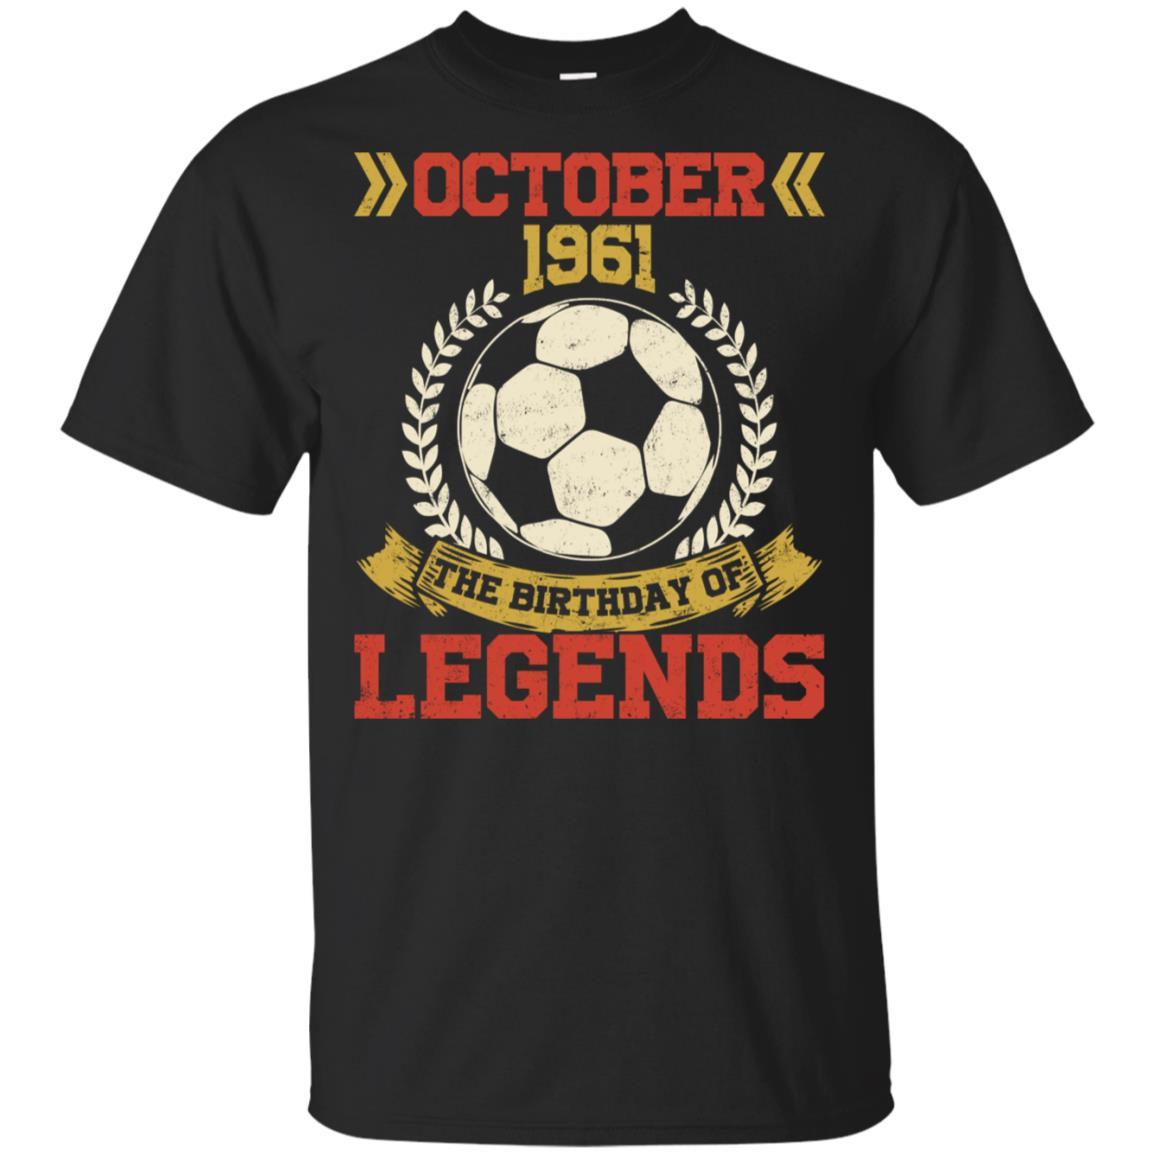 1961 October 57th Birthday Of Football Soccer Legend Unisex Short Sleeve